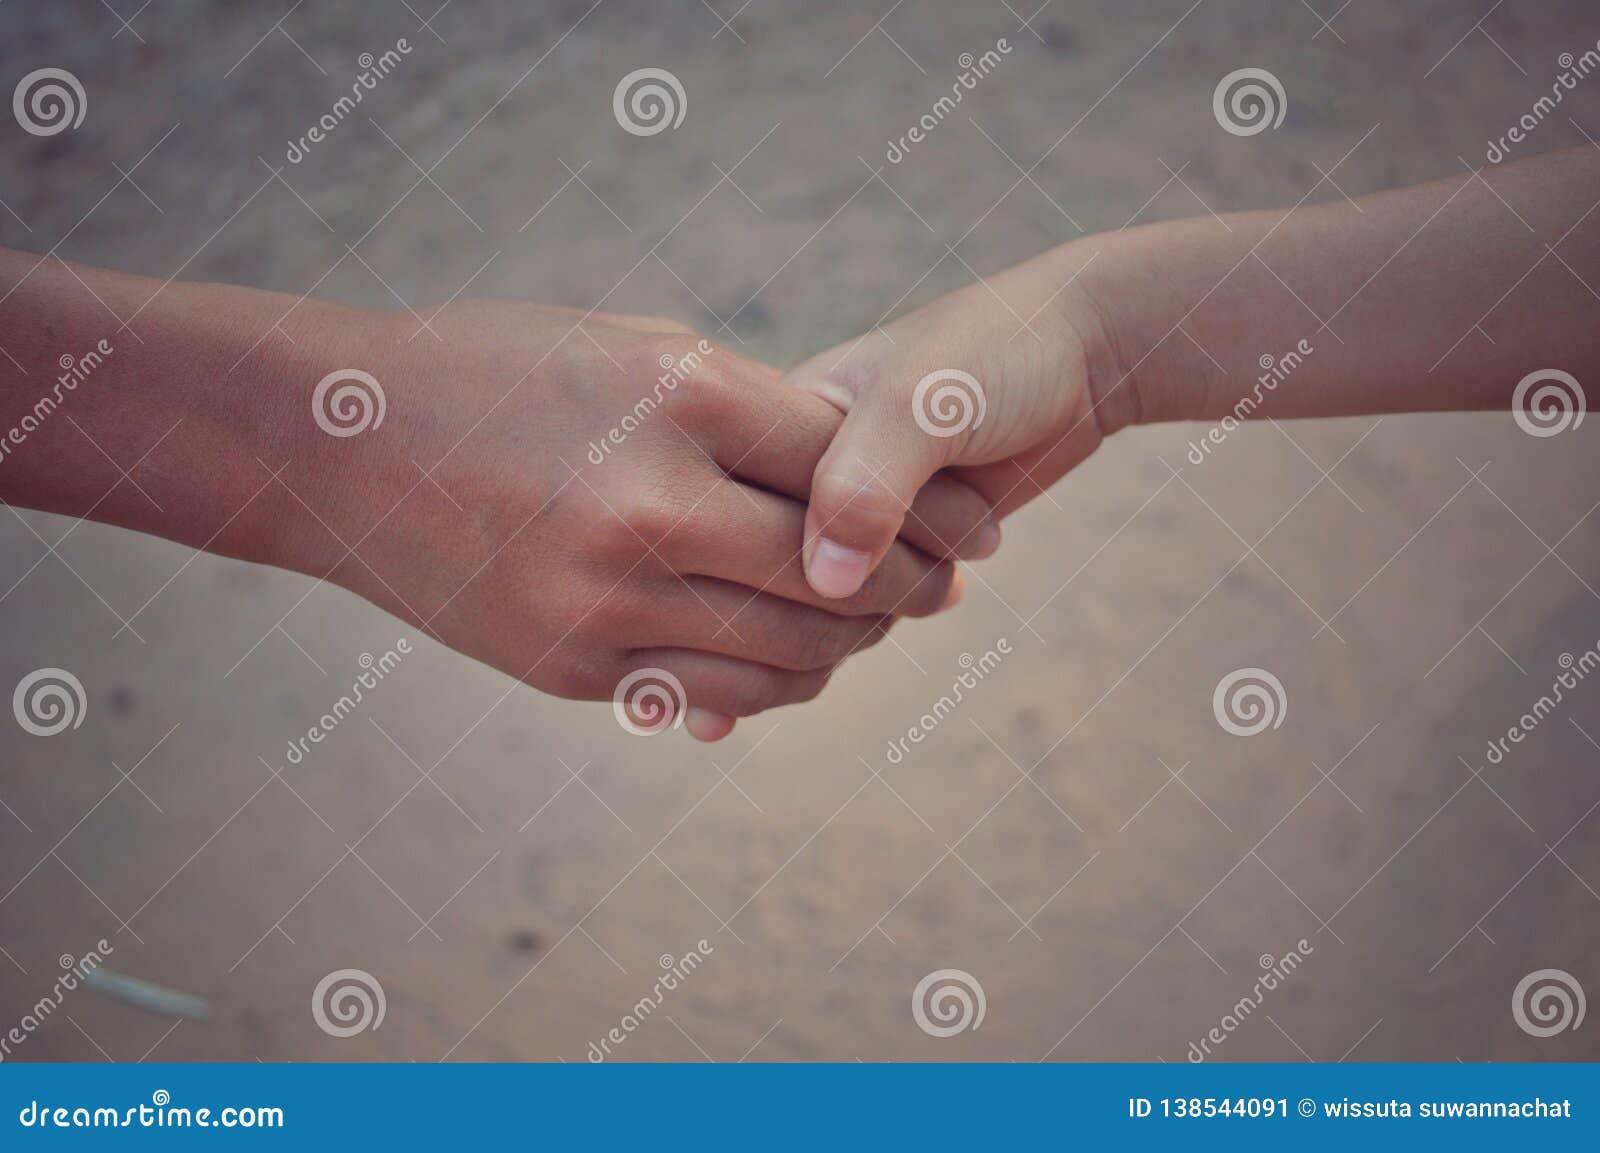 Handshake between two hands